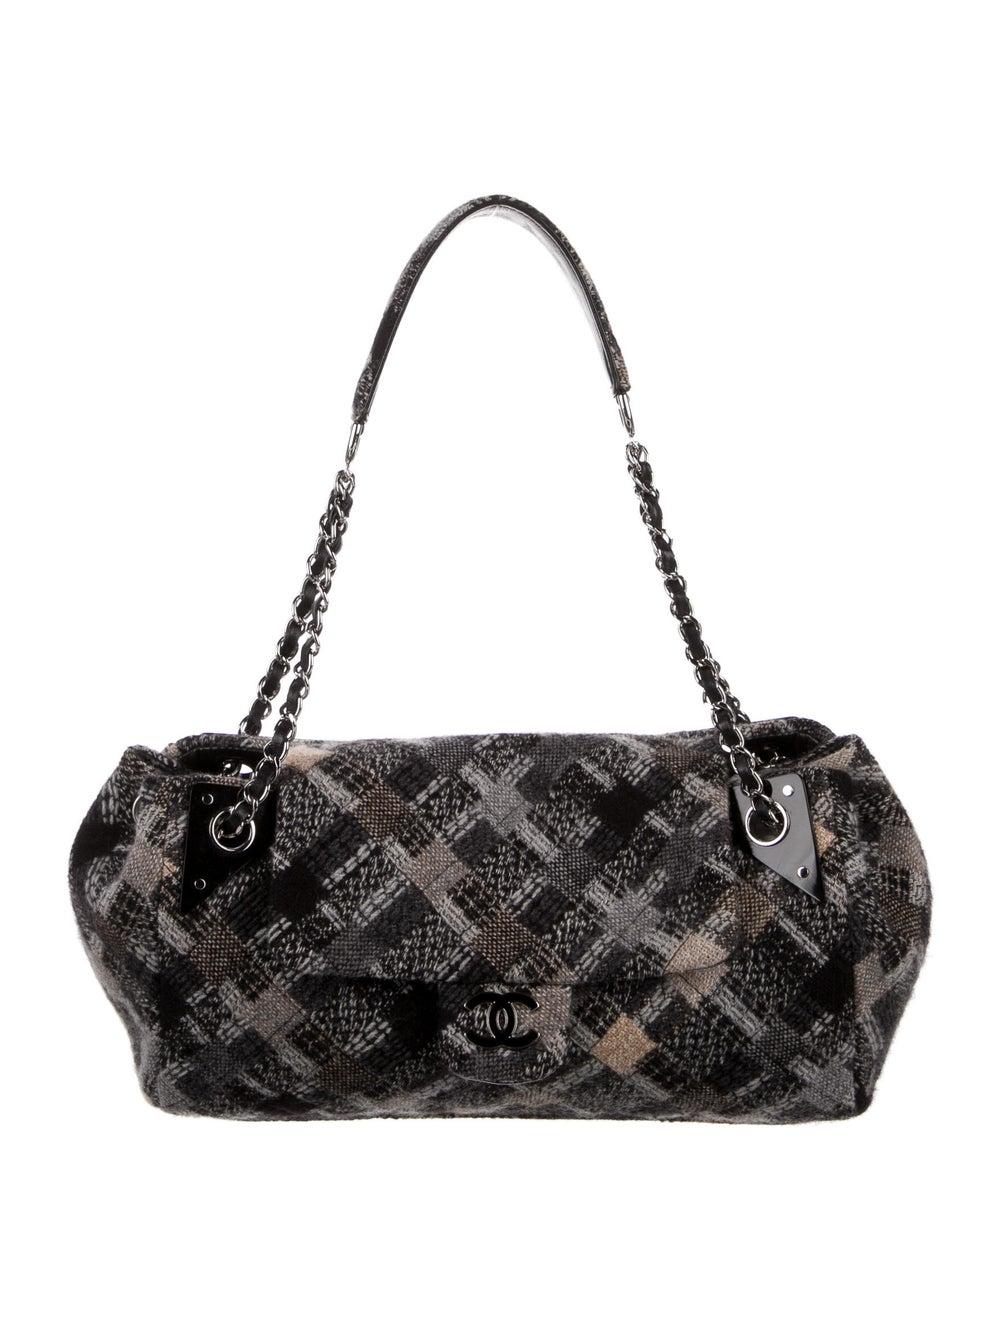 Chanel Jumbo Tweed Single Flap Bag Grey - image 1